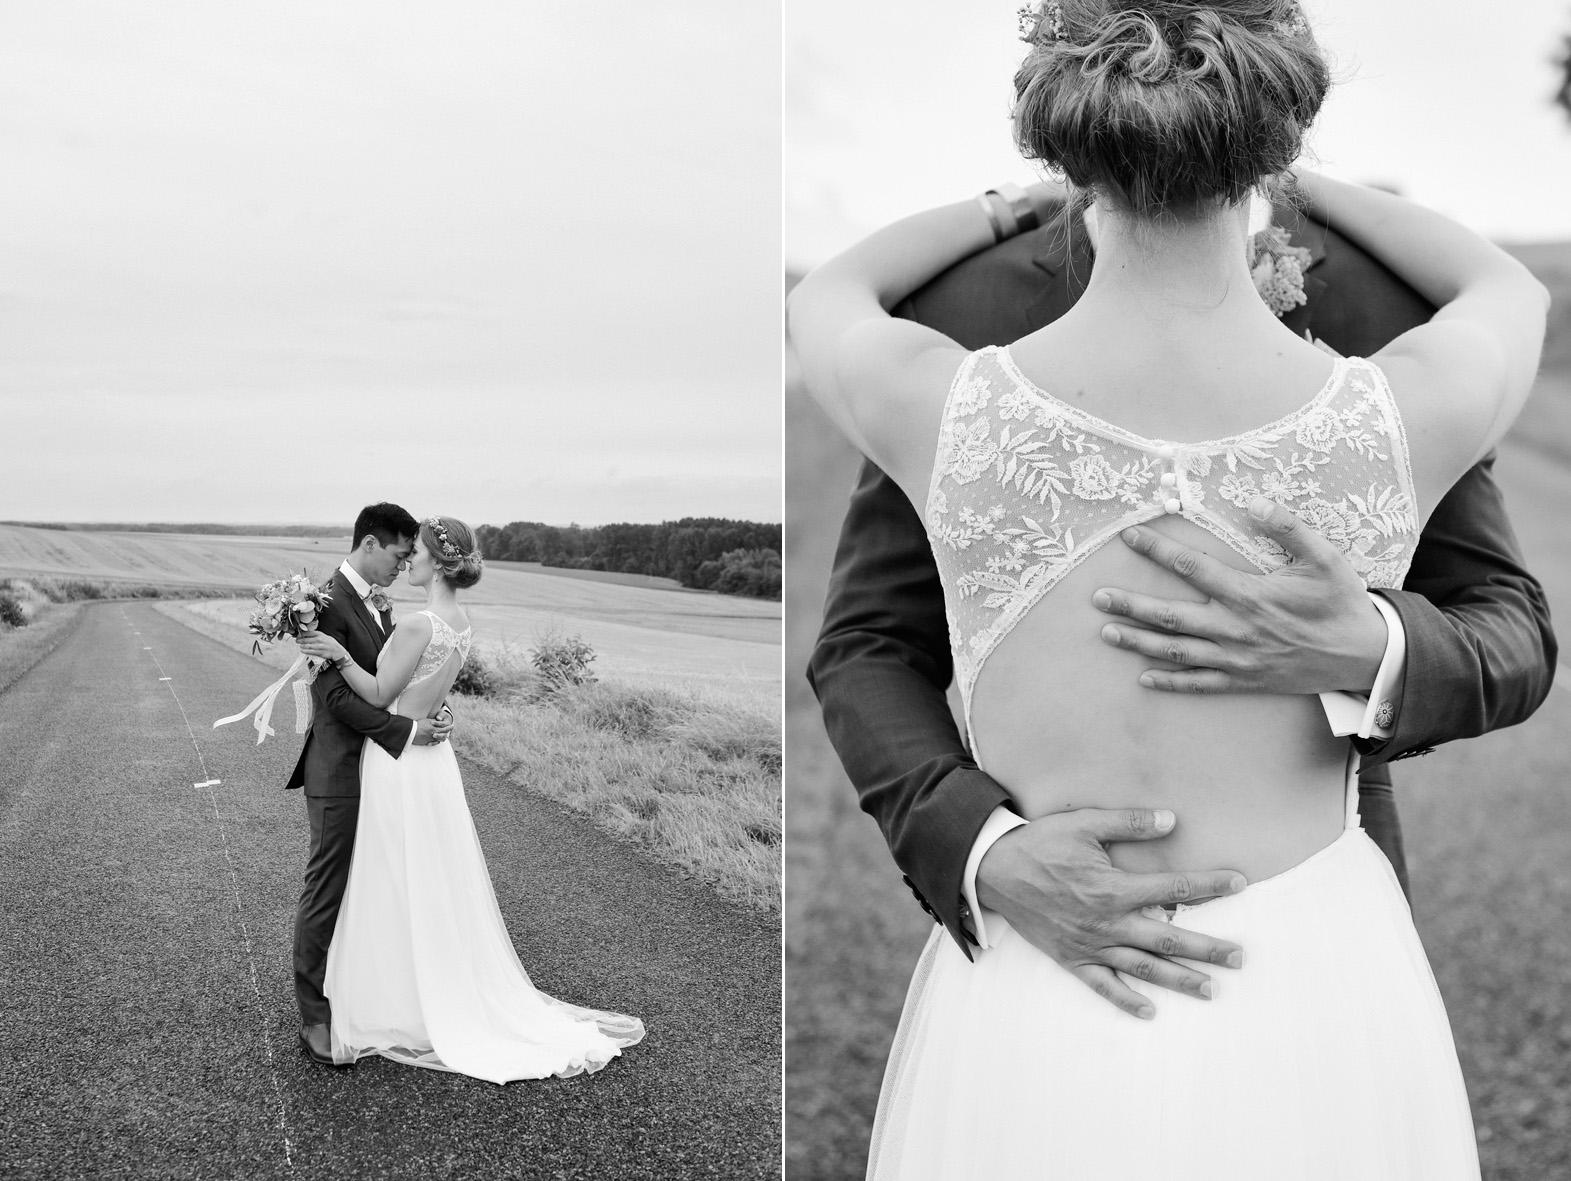 mariage_LW_domaine de la Pepiniere_seine-et-marne_77_photographie_clemence_dubois MEP25